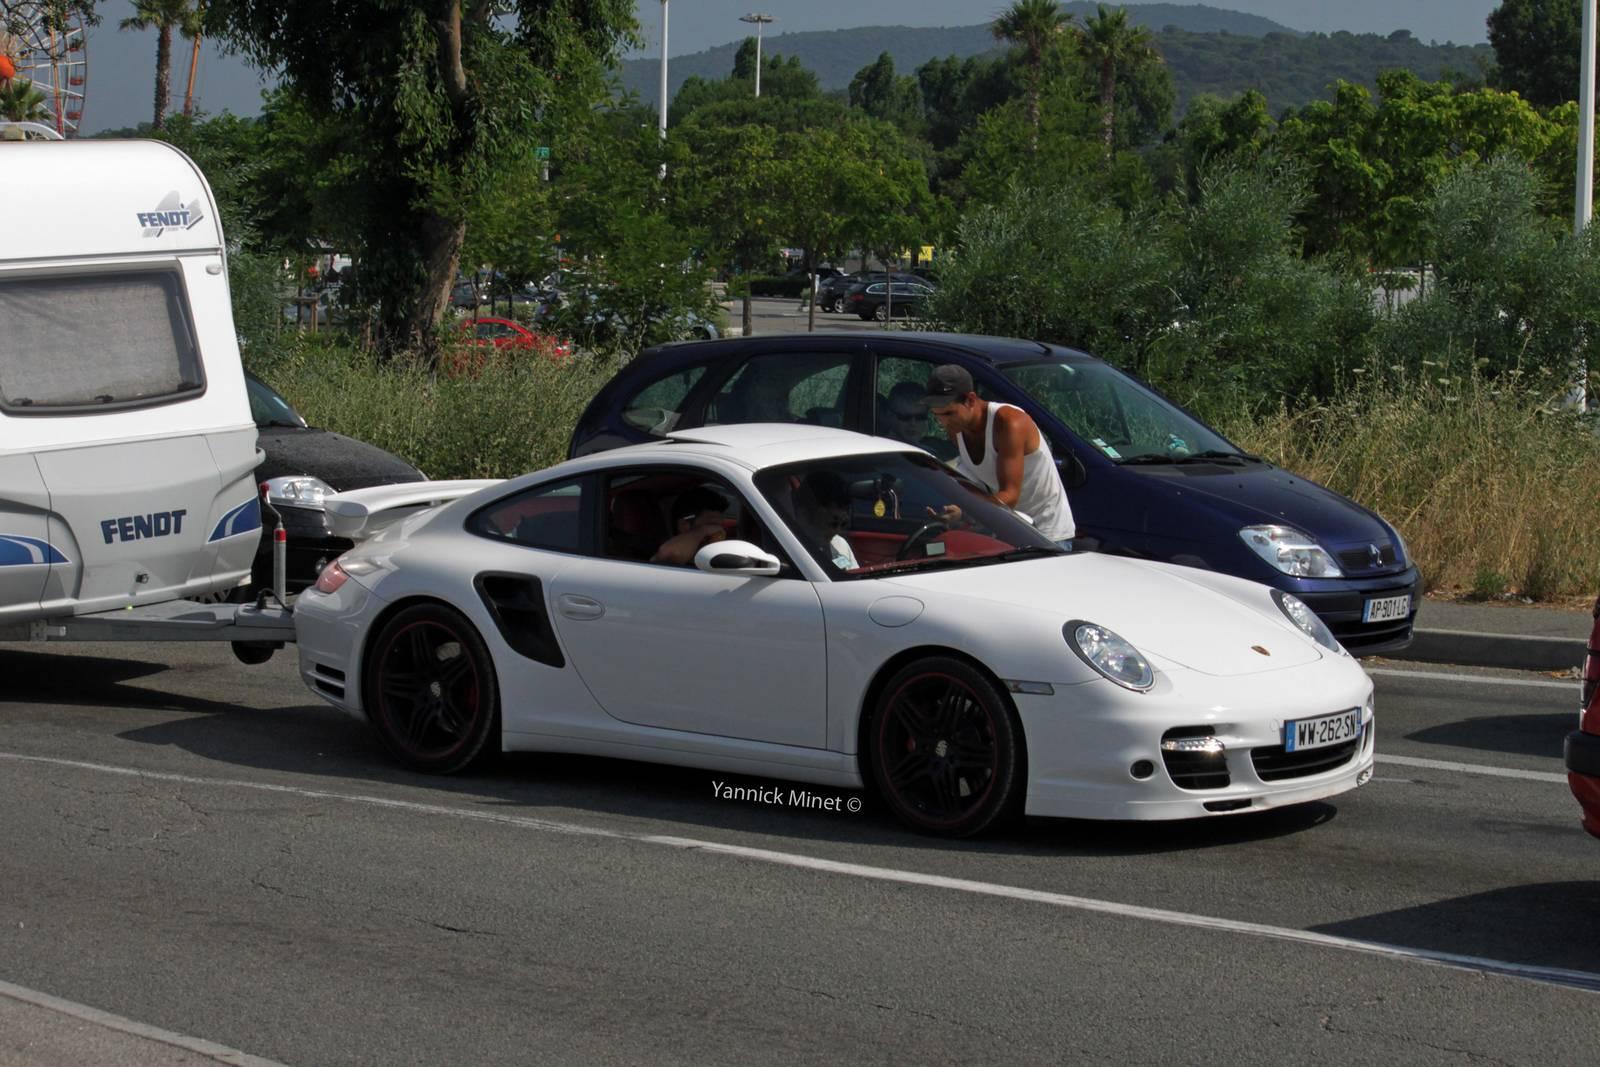 Porsche 911 Turbo Spotted Towing Caravan Gtspirit